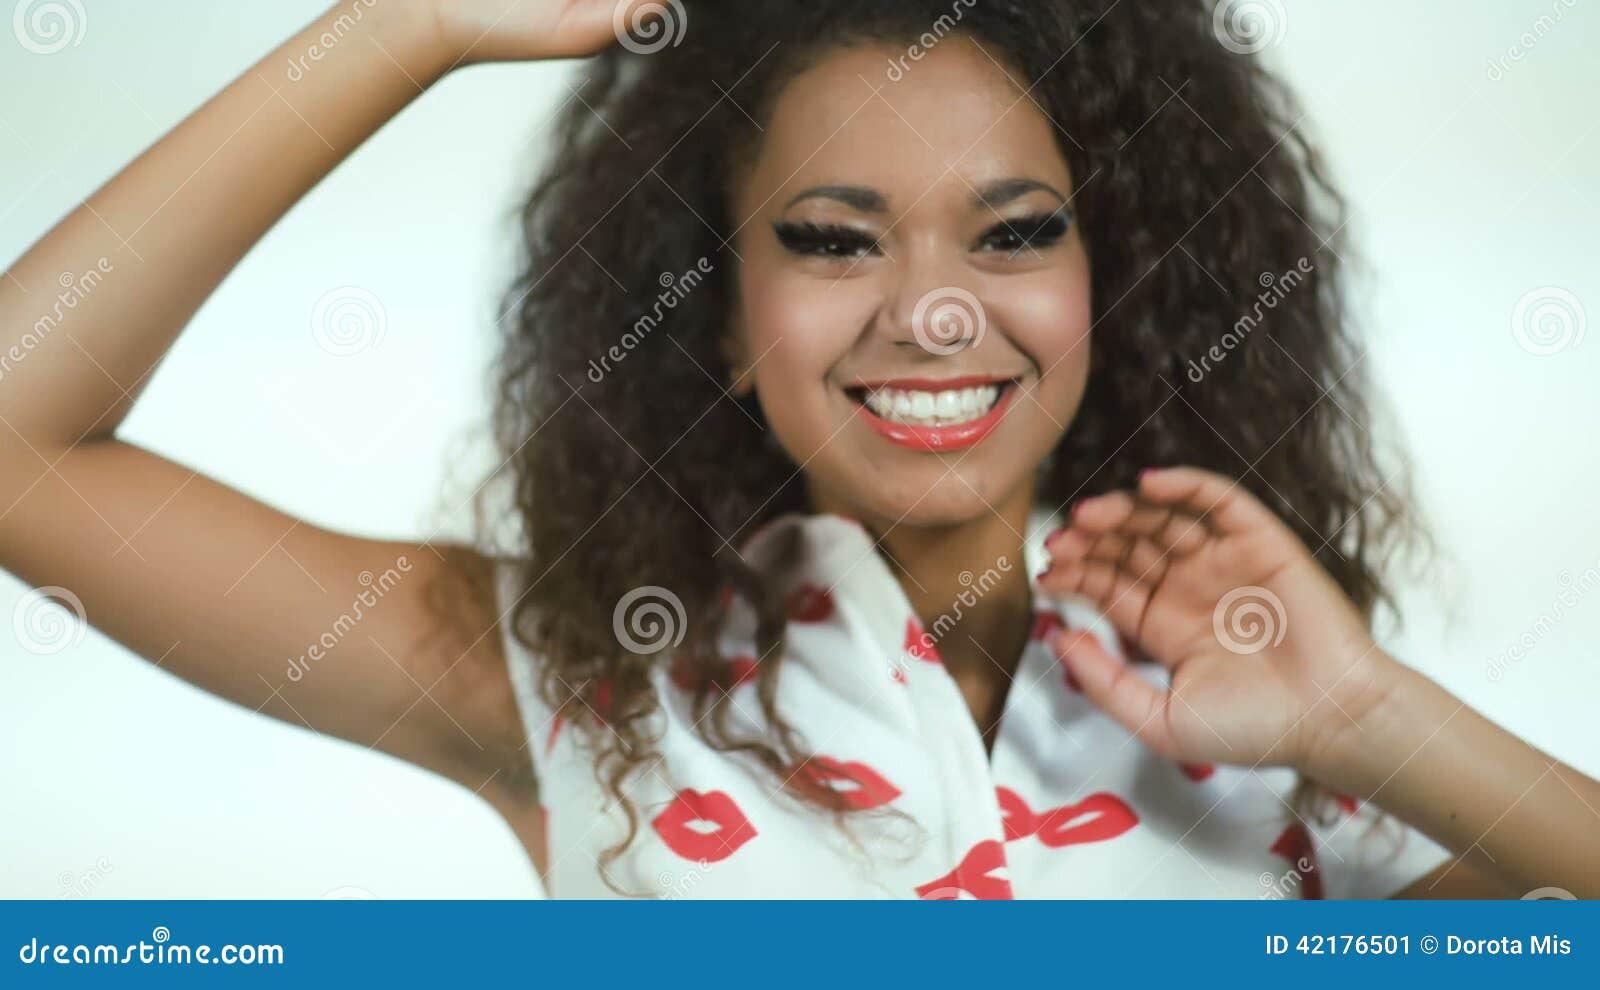 com-young-beautiful-american-teen